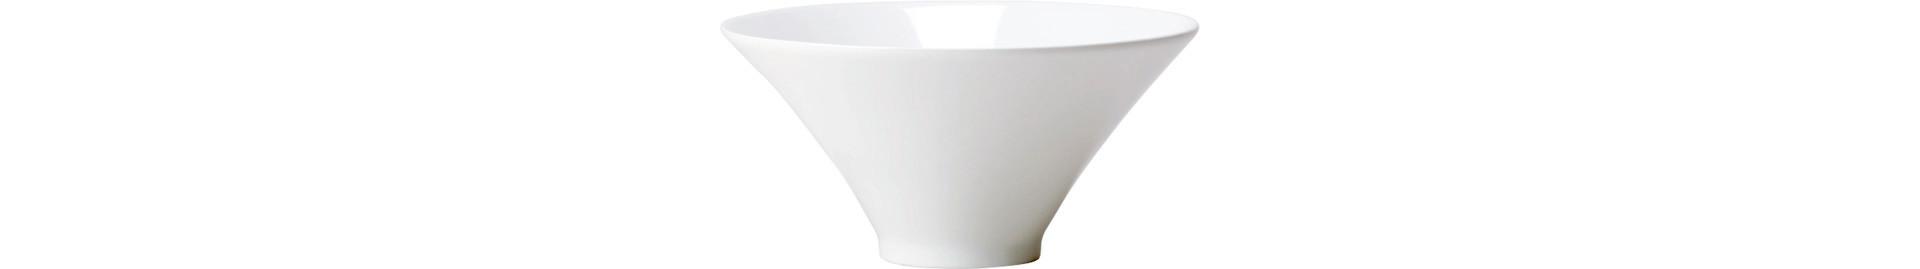 Axis, Bowl ø 90 mm weiß